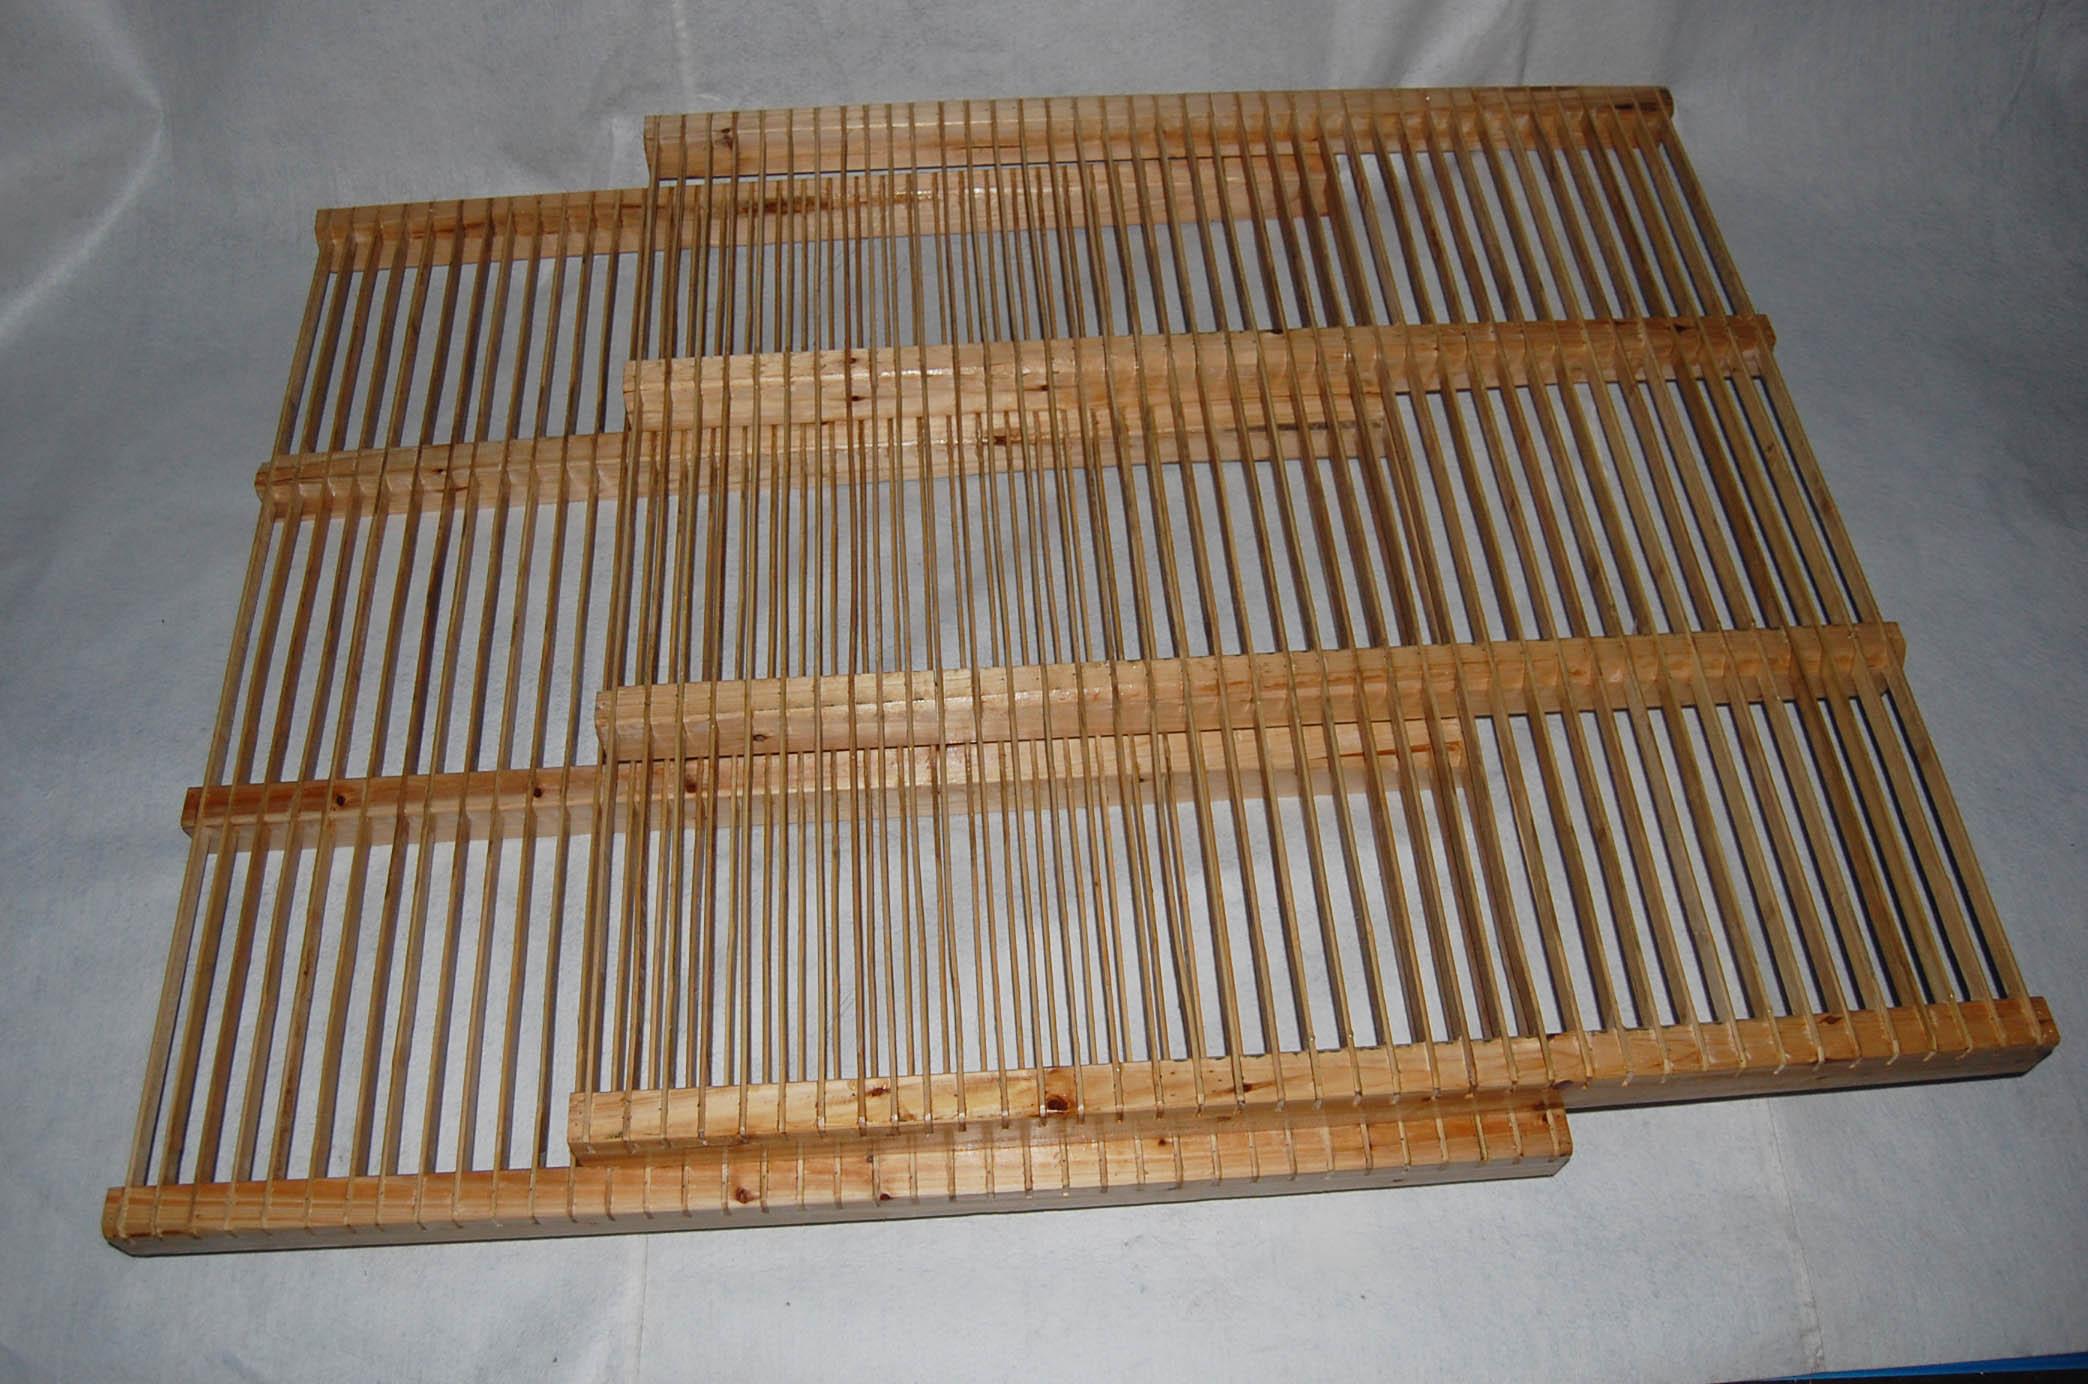 4x2cm竹条制造而成,加上喷漆更